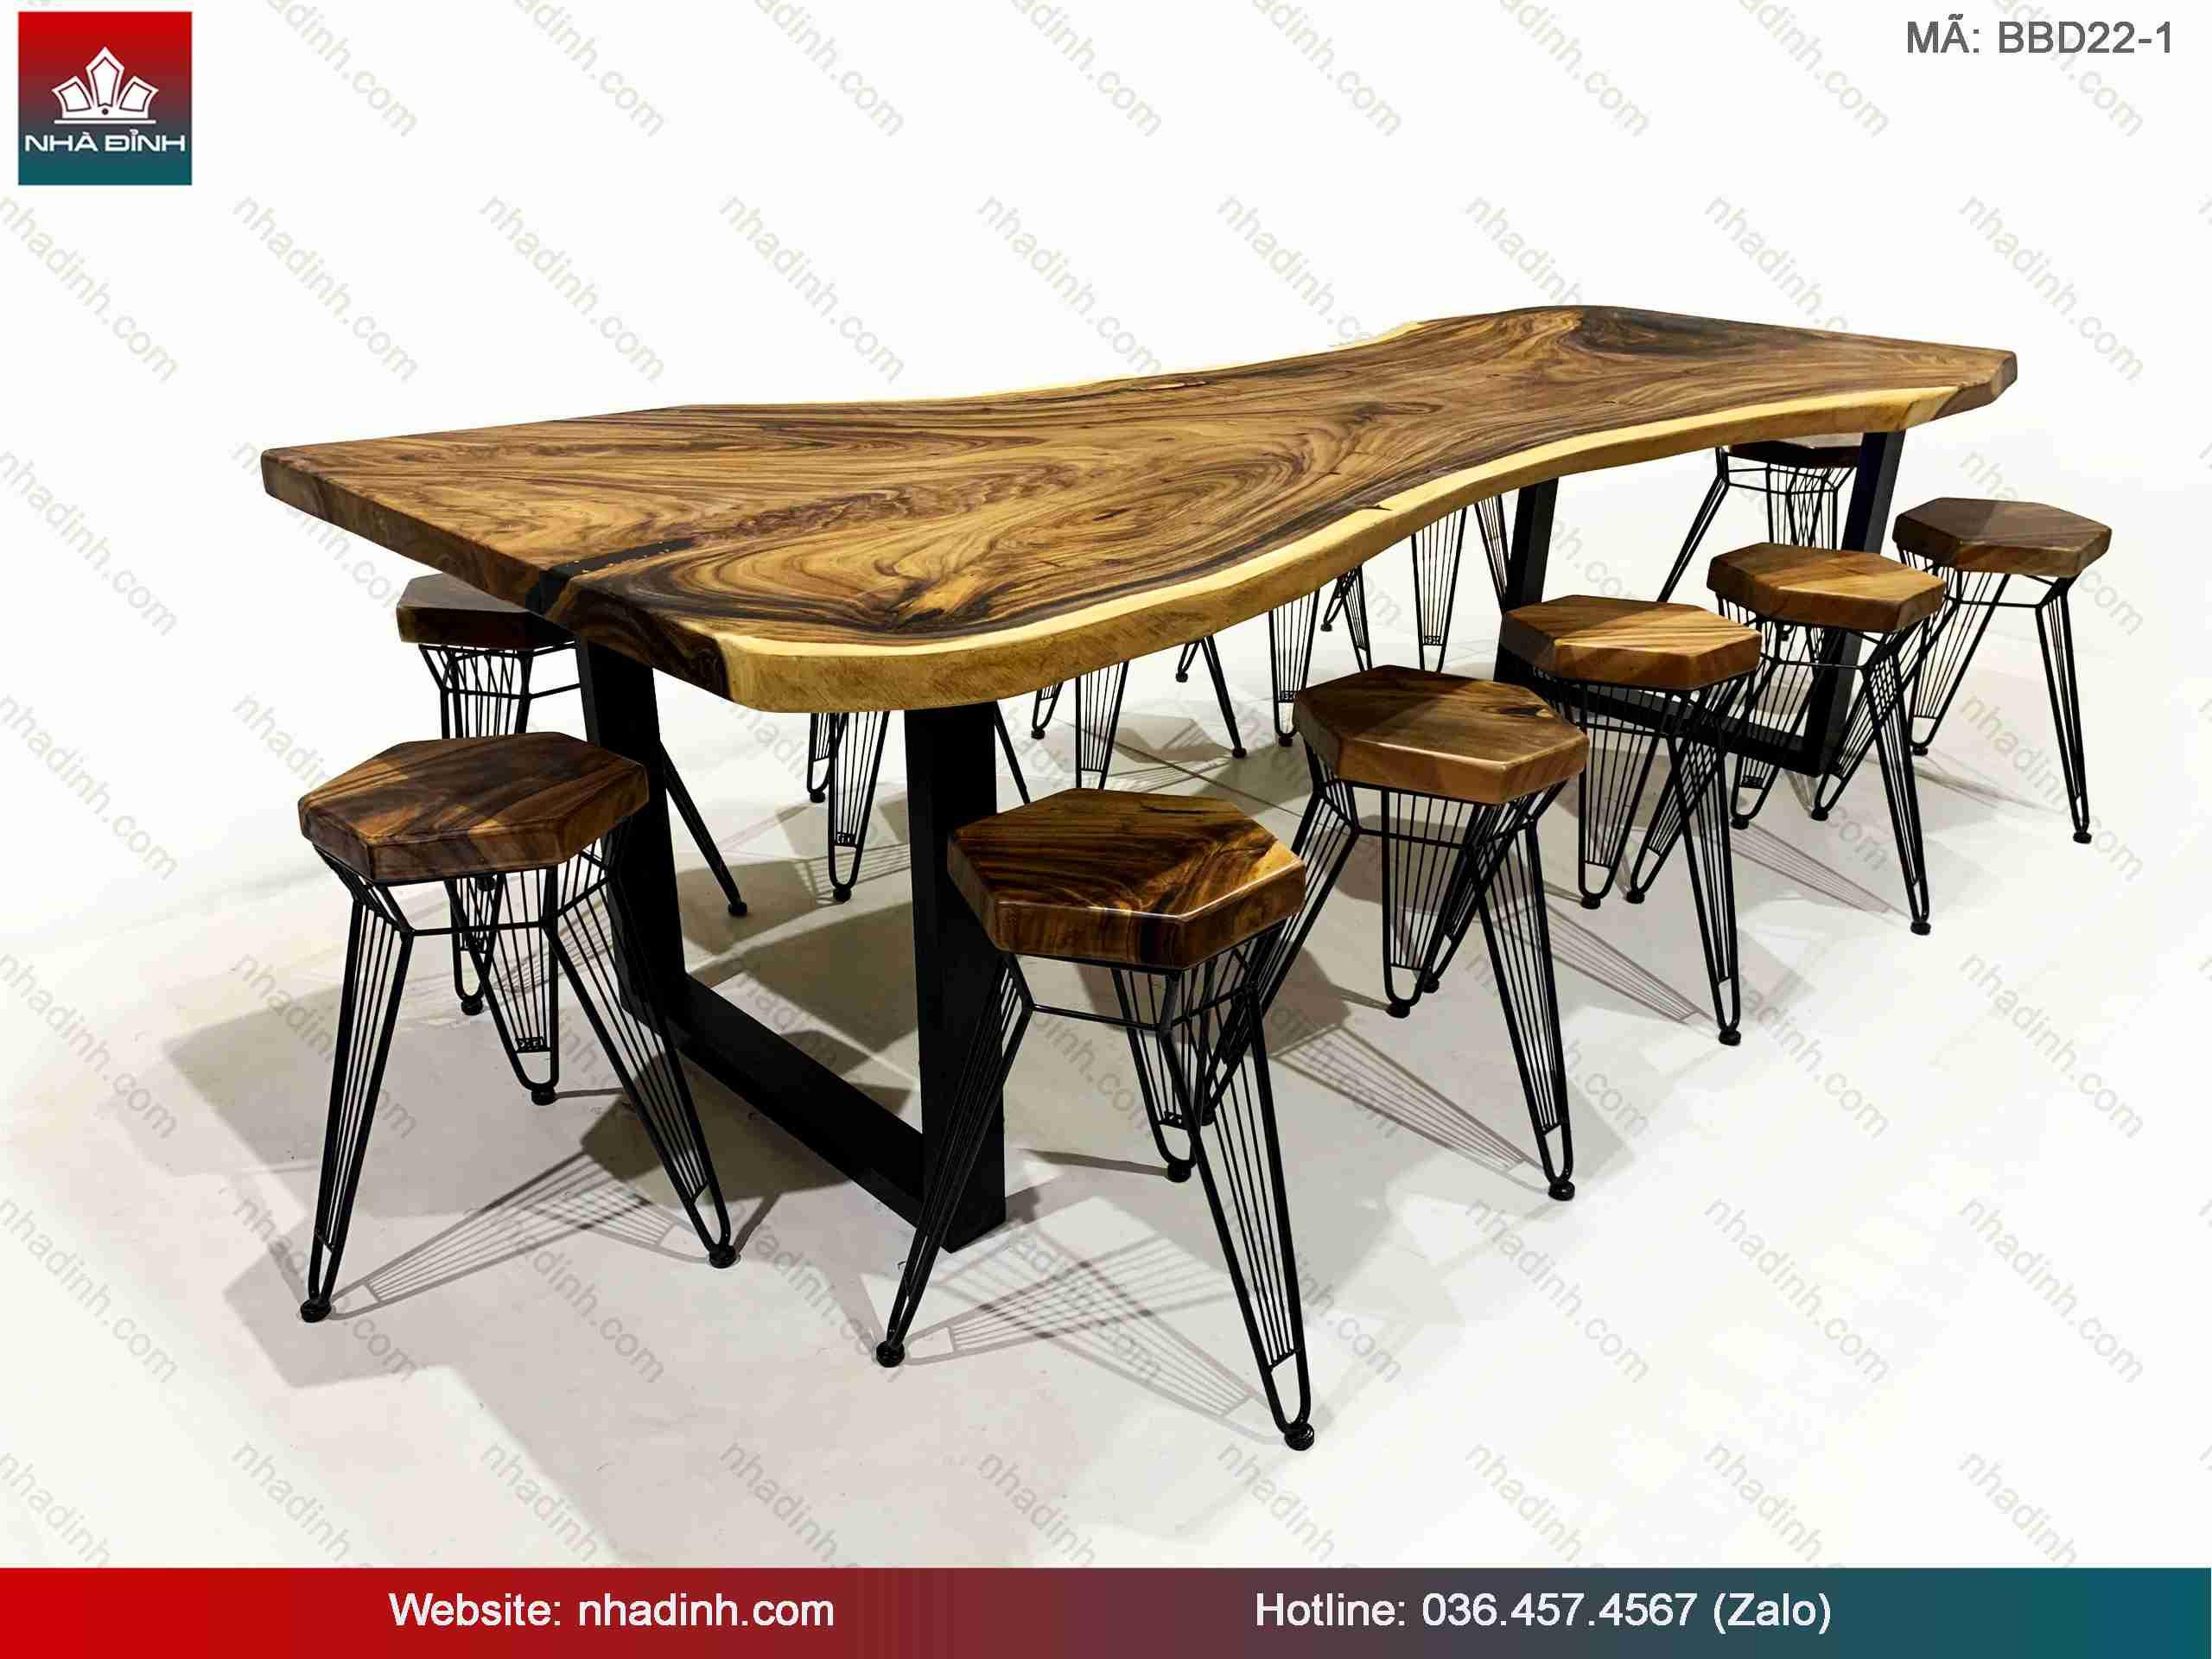 Bàn ghế gỗ Me Tây tạo cho không gian nhà hàng mộc mạc và gần gũi